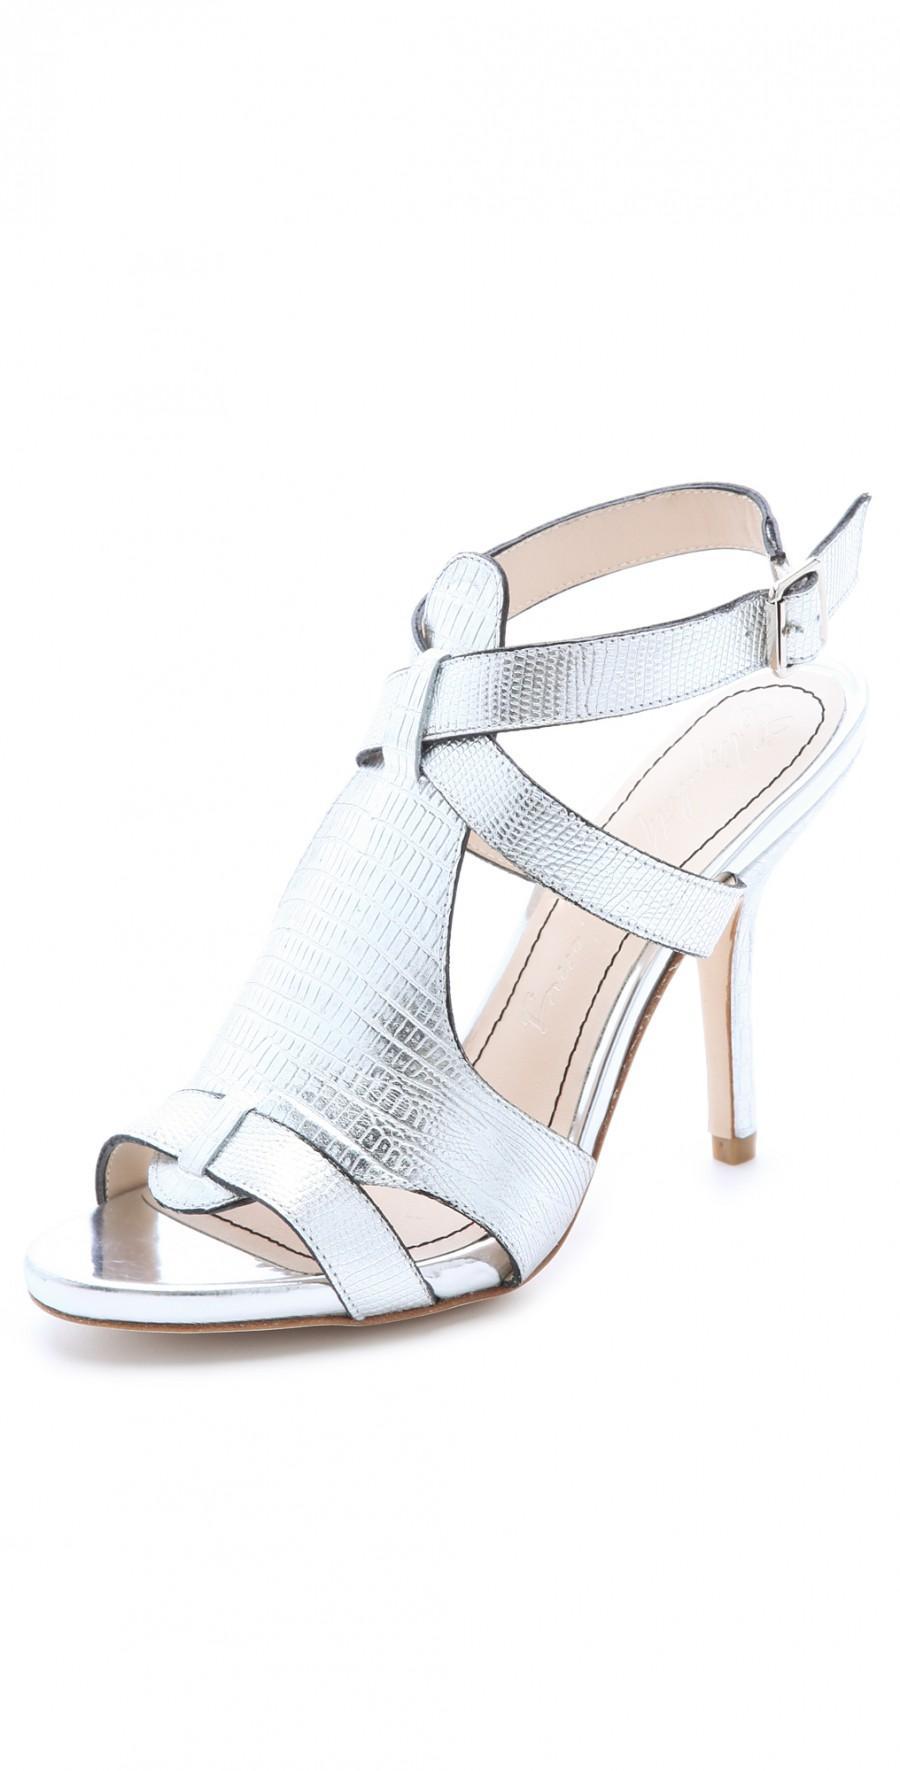 Hauts De Talons Sandales À Mariage Chaussures Talon Tango 5RjL4A3